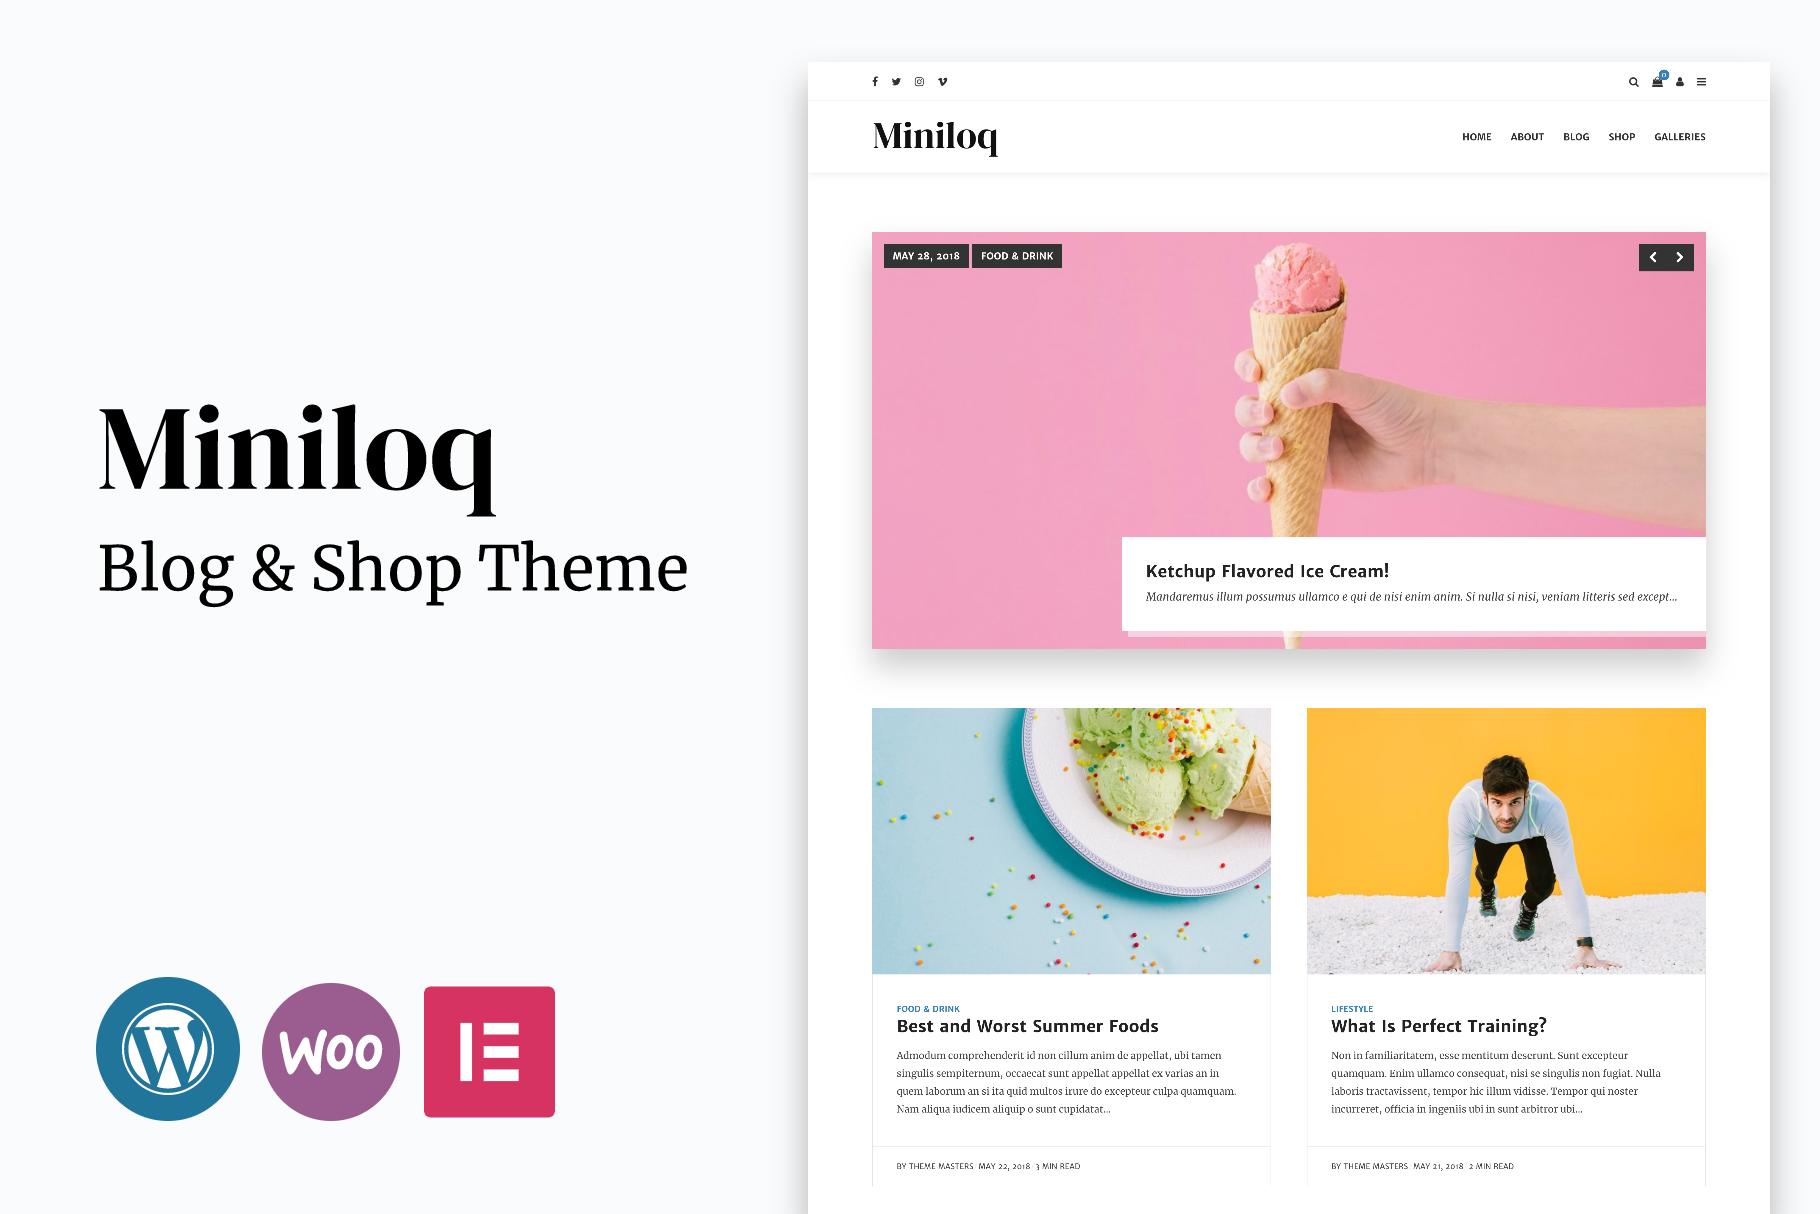 Miniloq - Personal WordPress Blog & Shop Theme